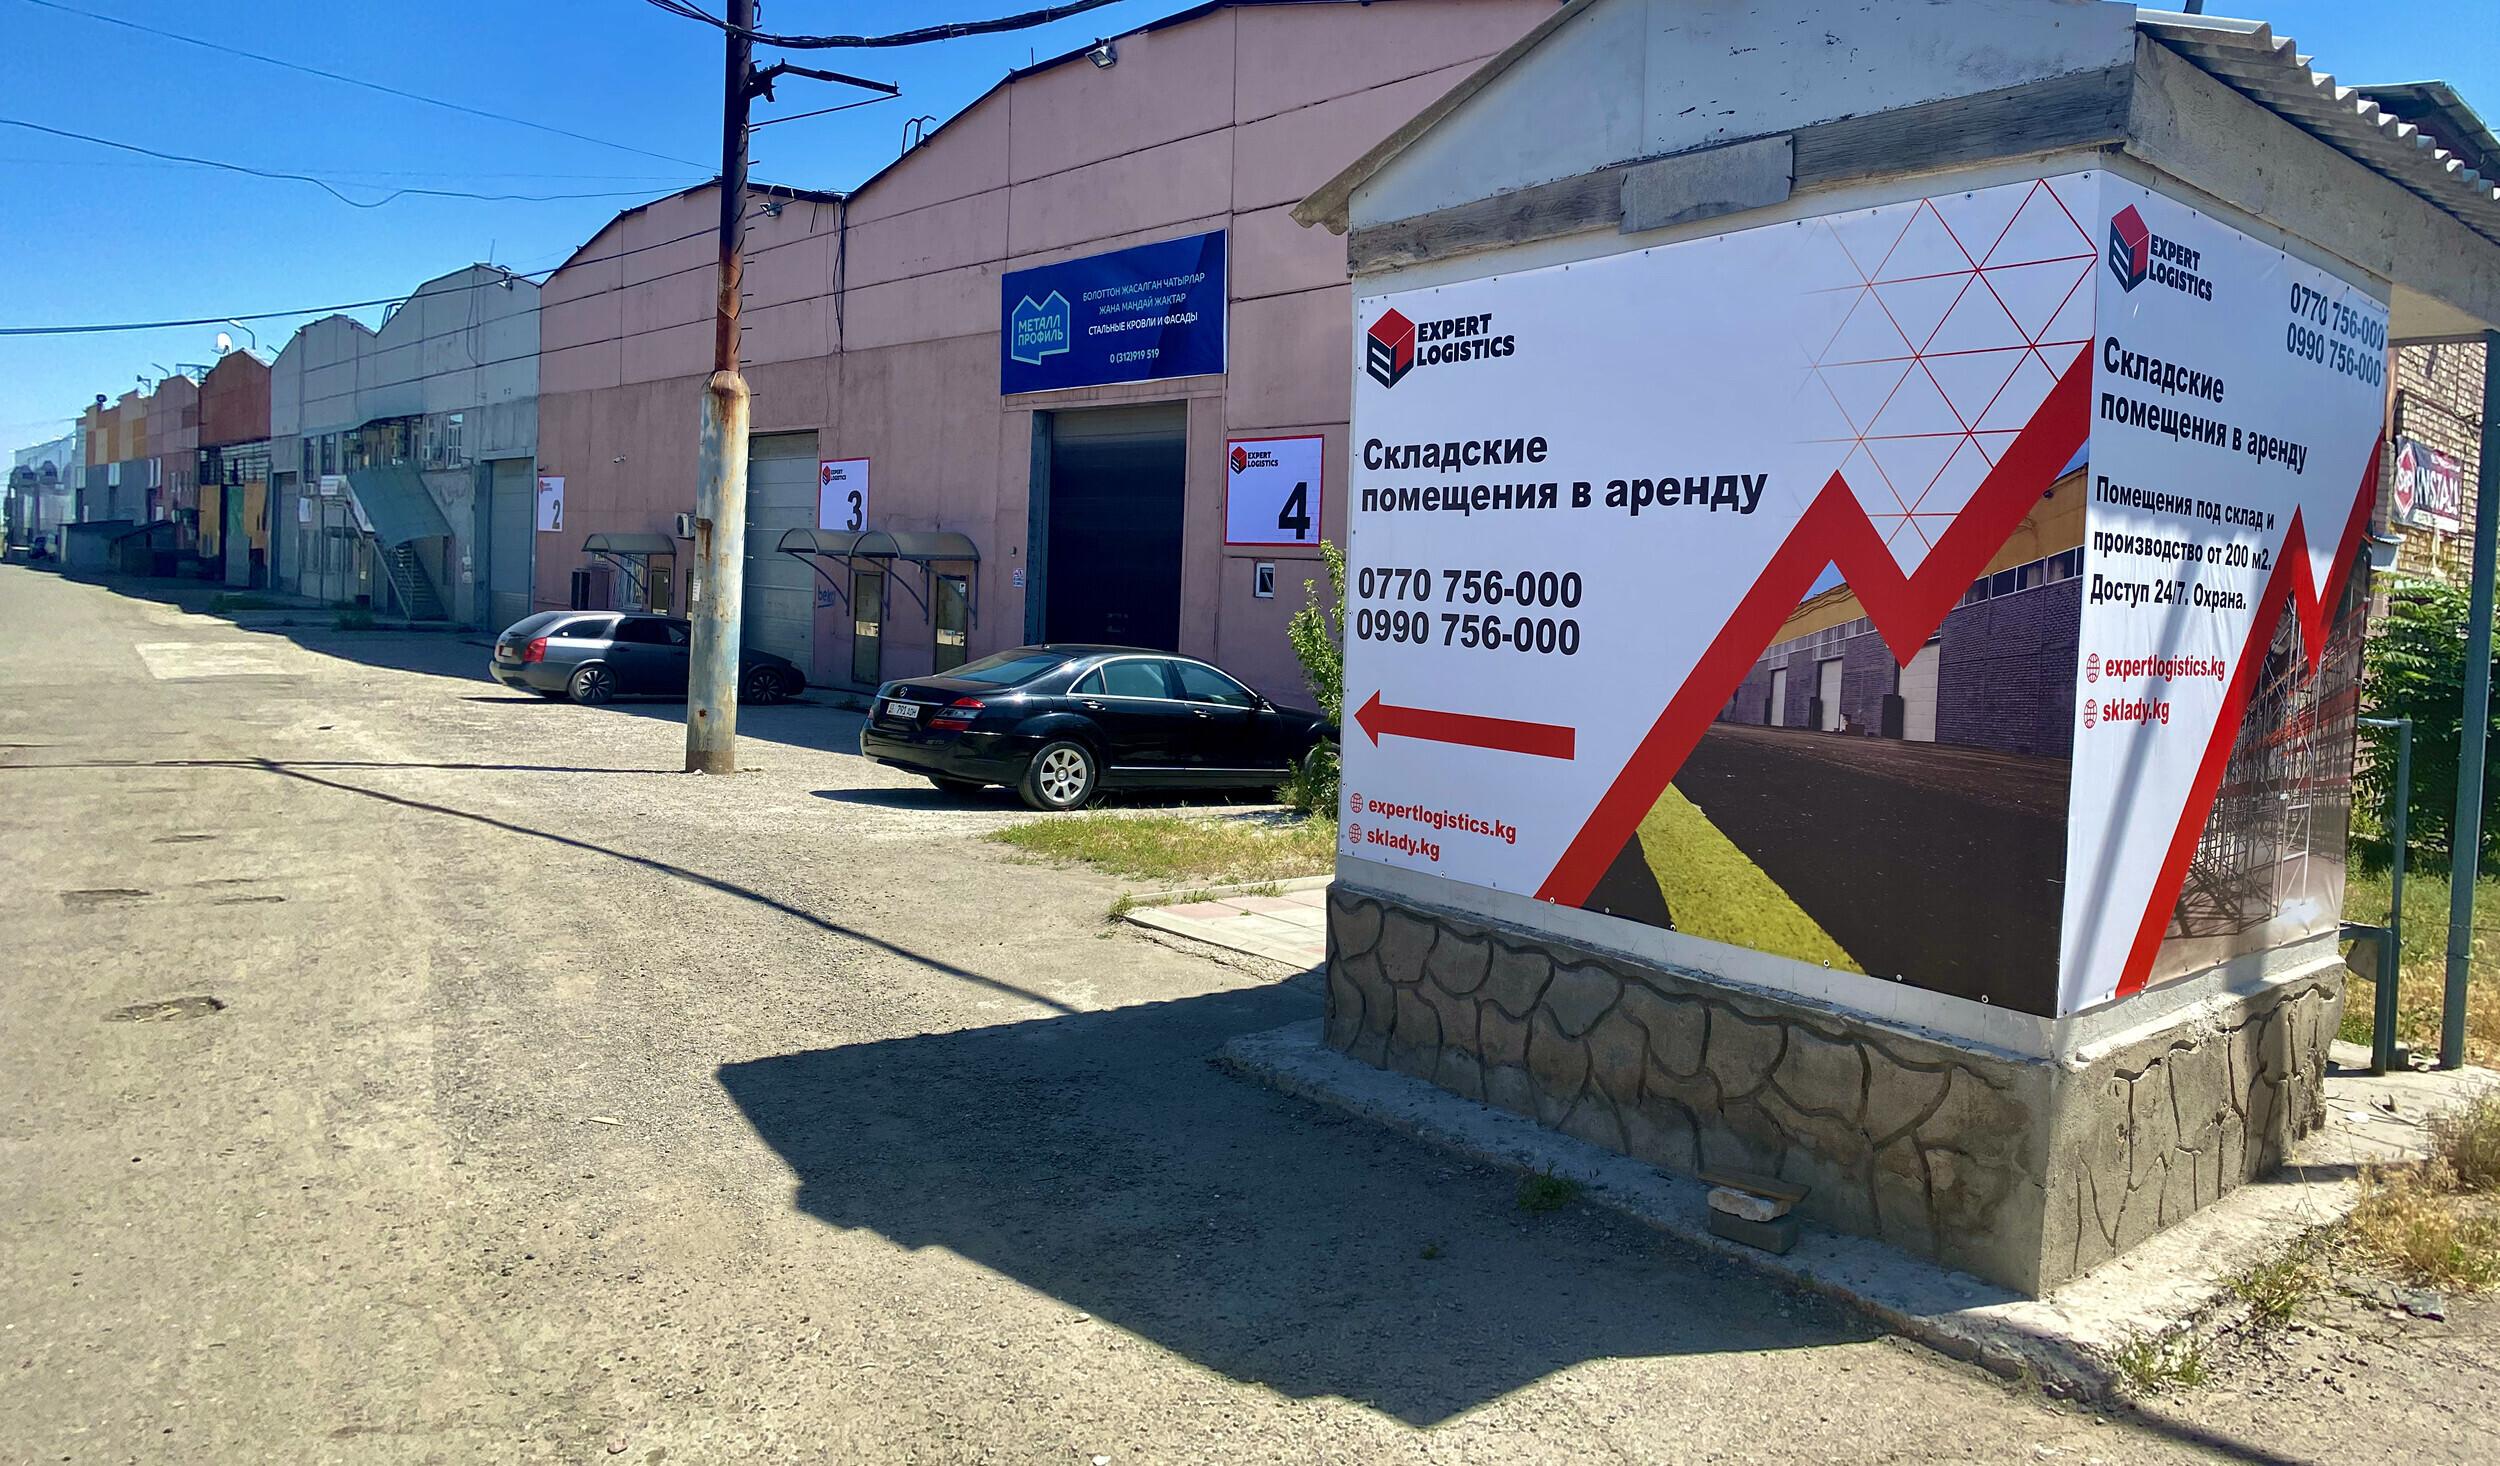 ОсОО Эксперт Логистик БР - business profile of the company on lalafo.kg in Кыргызстан